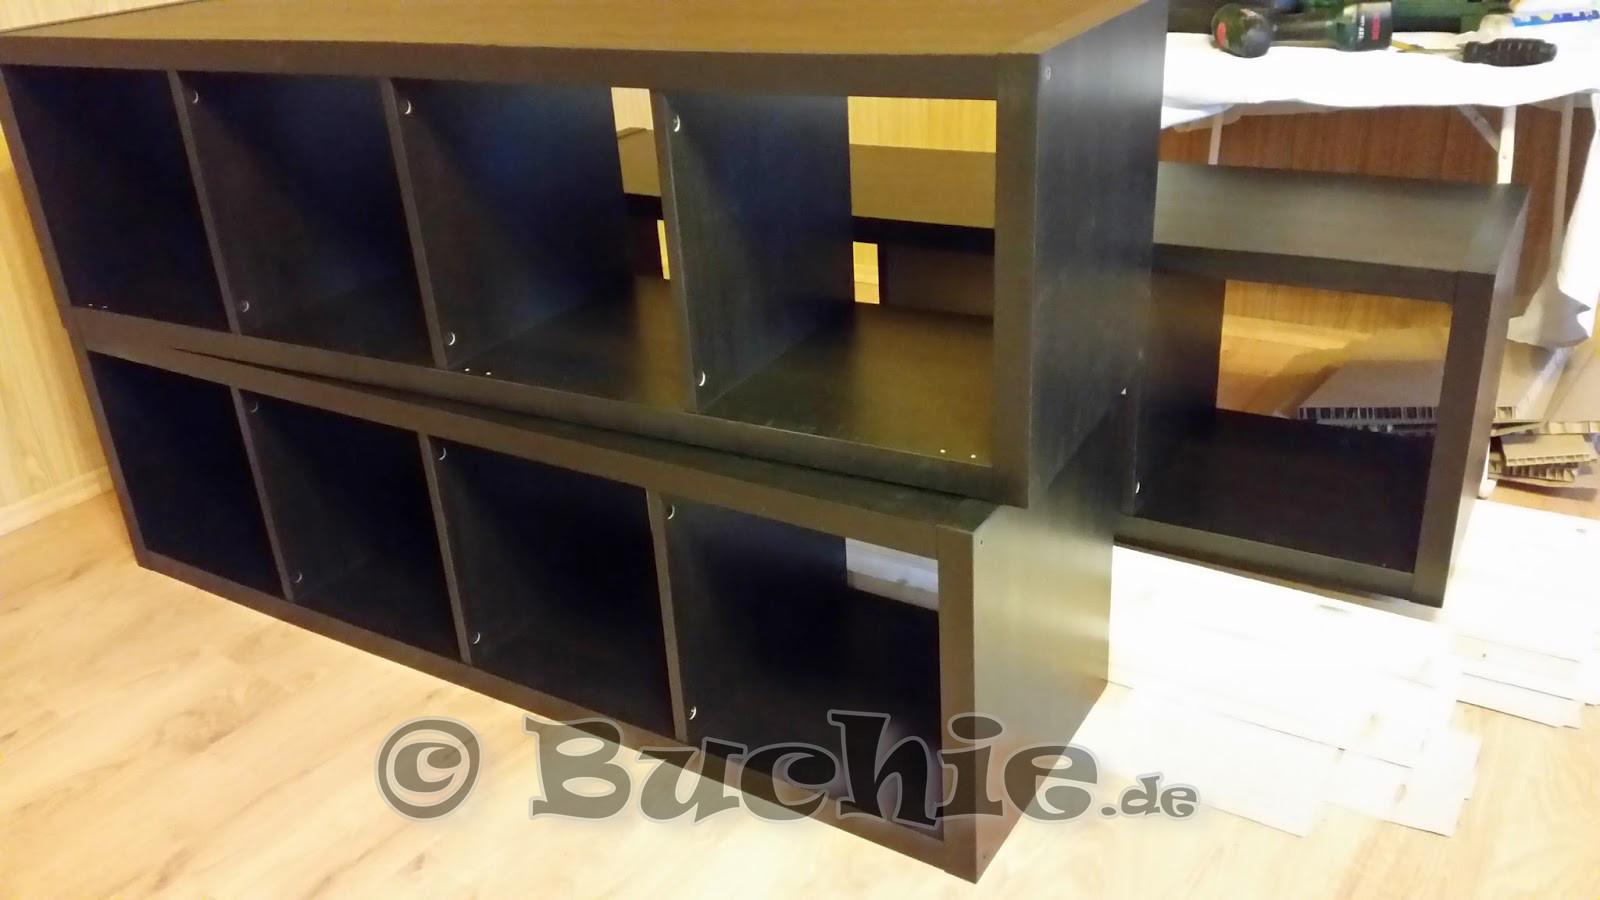 Kallax Bett Diy  Ikea Hack so wird aus Kallax Regalen ein Bett Buchie